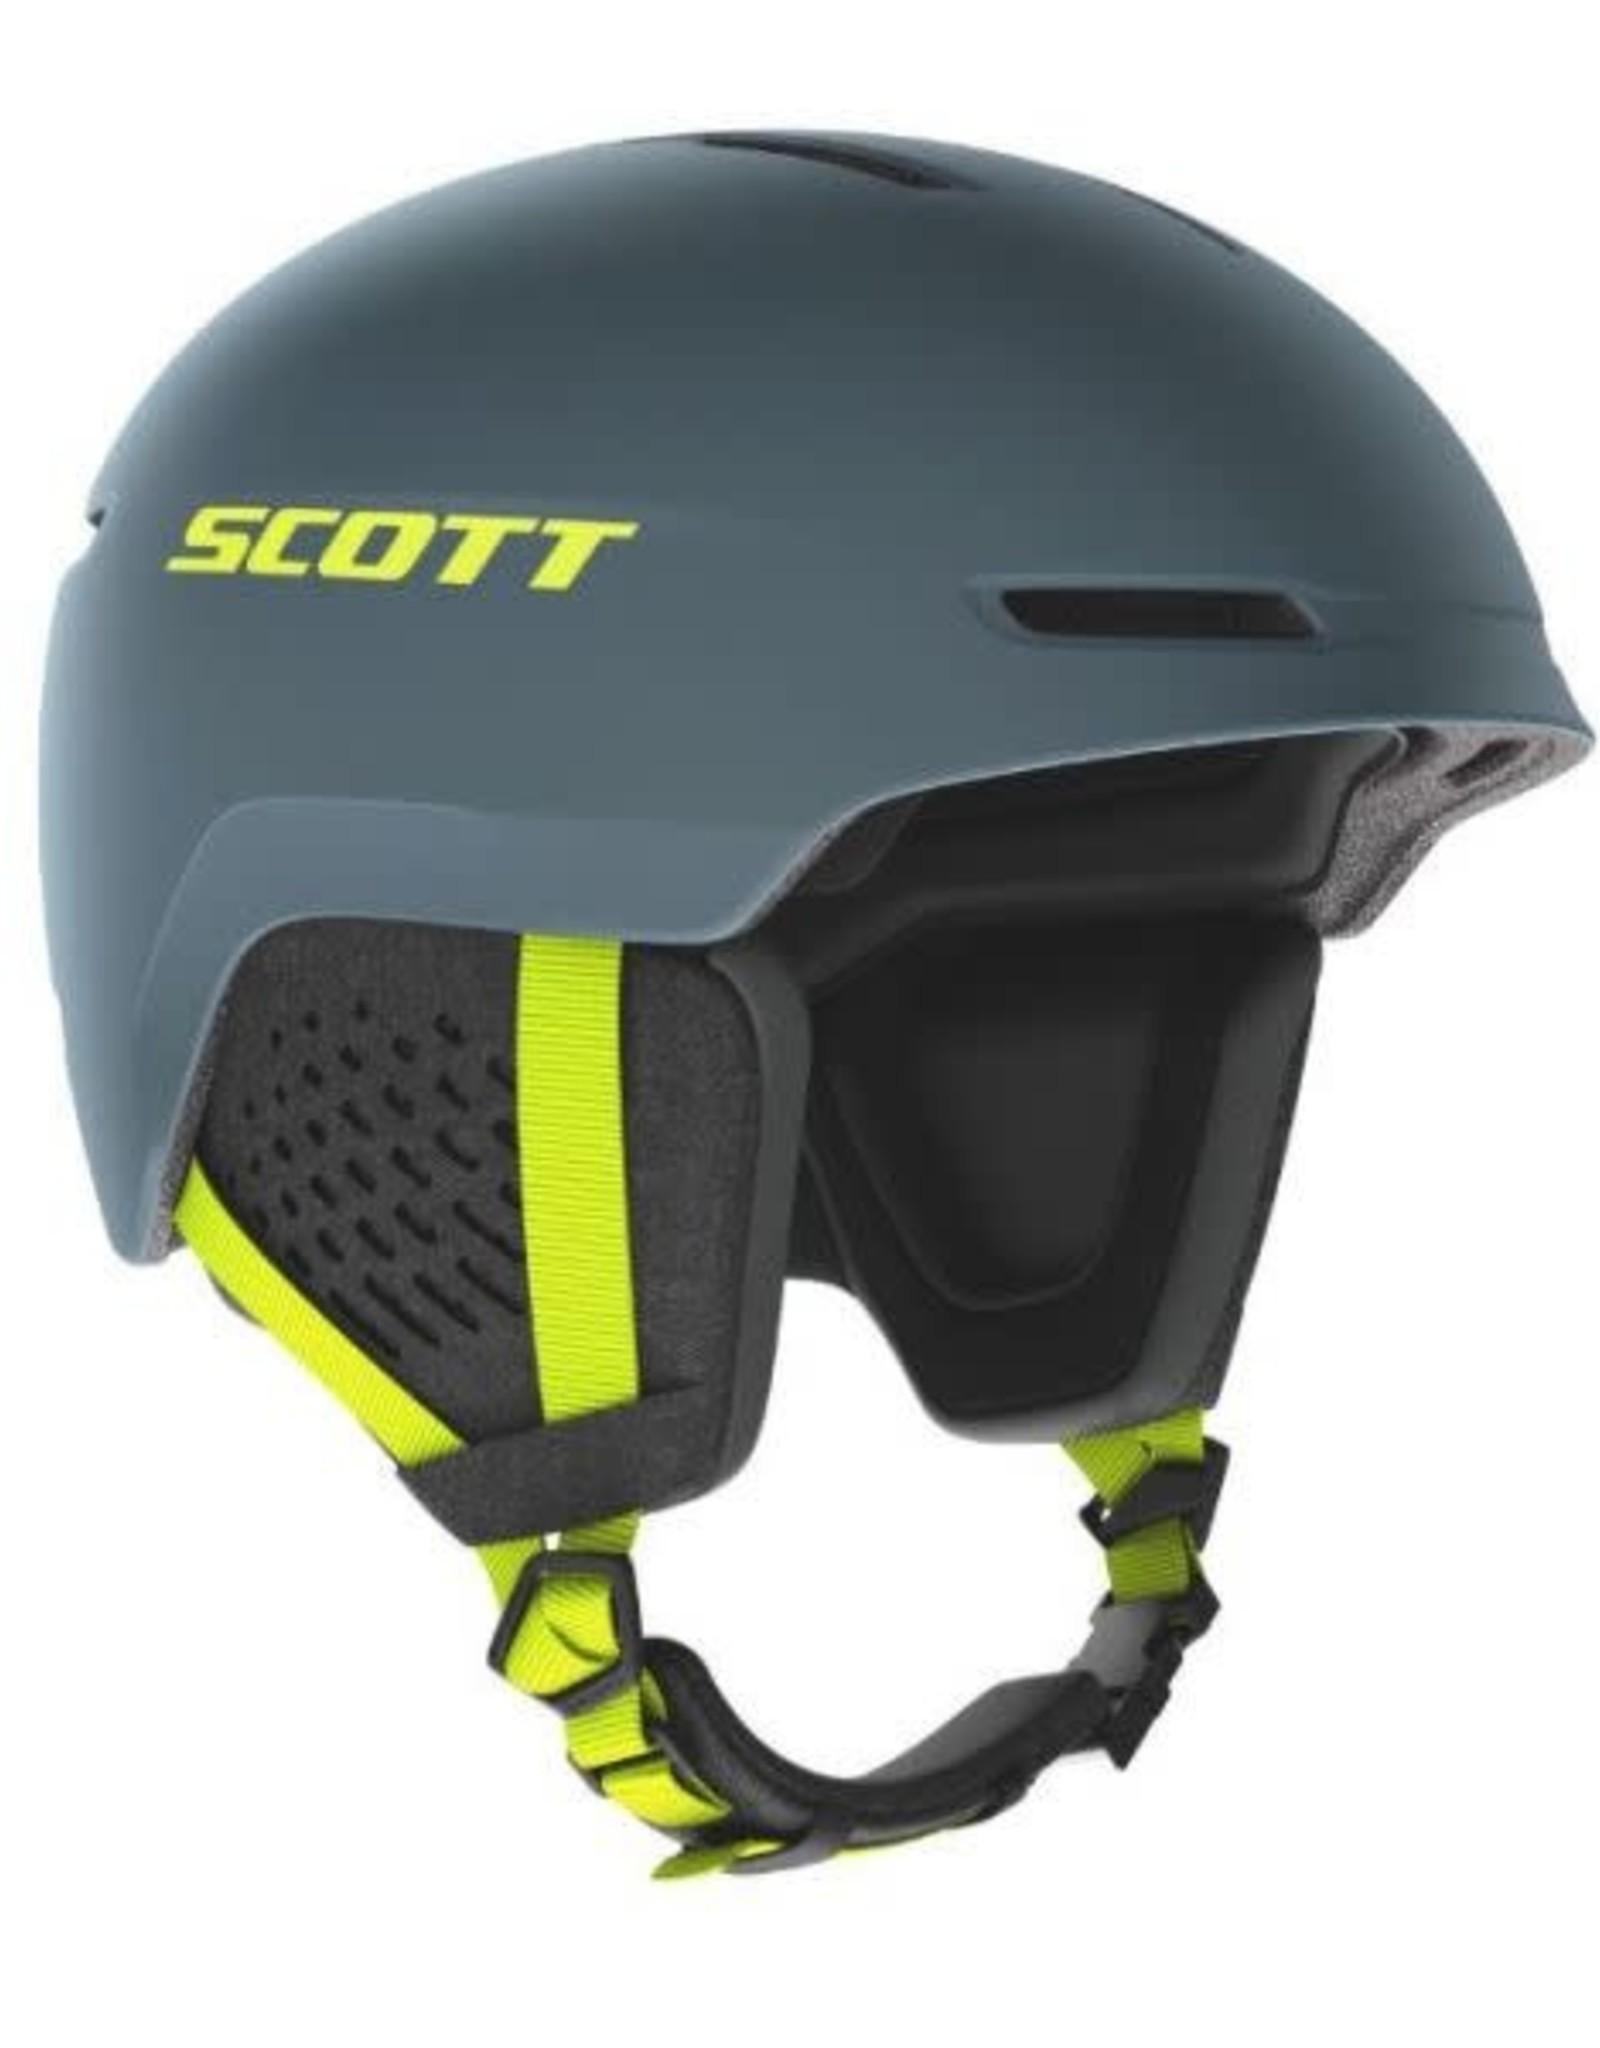 Scott Copy of Track Gris /jaune  (M) 555-59cm